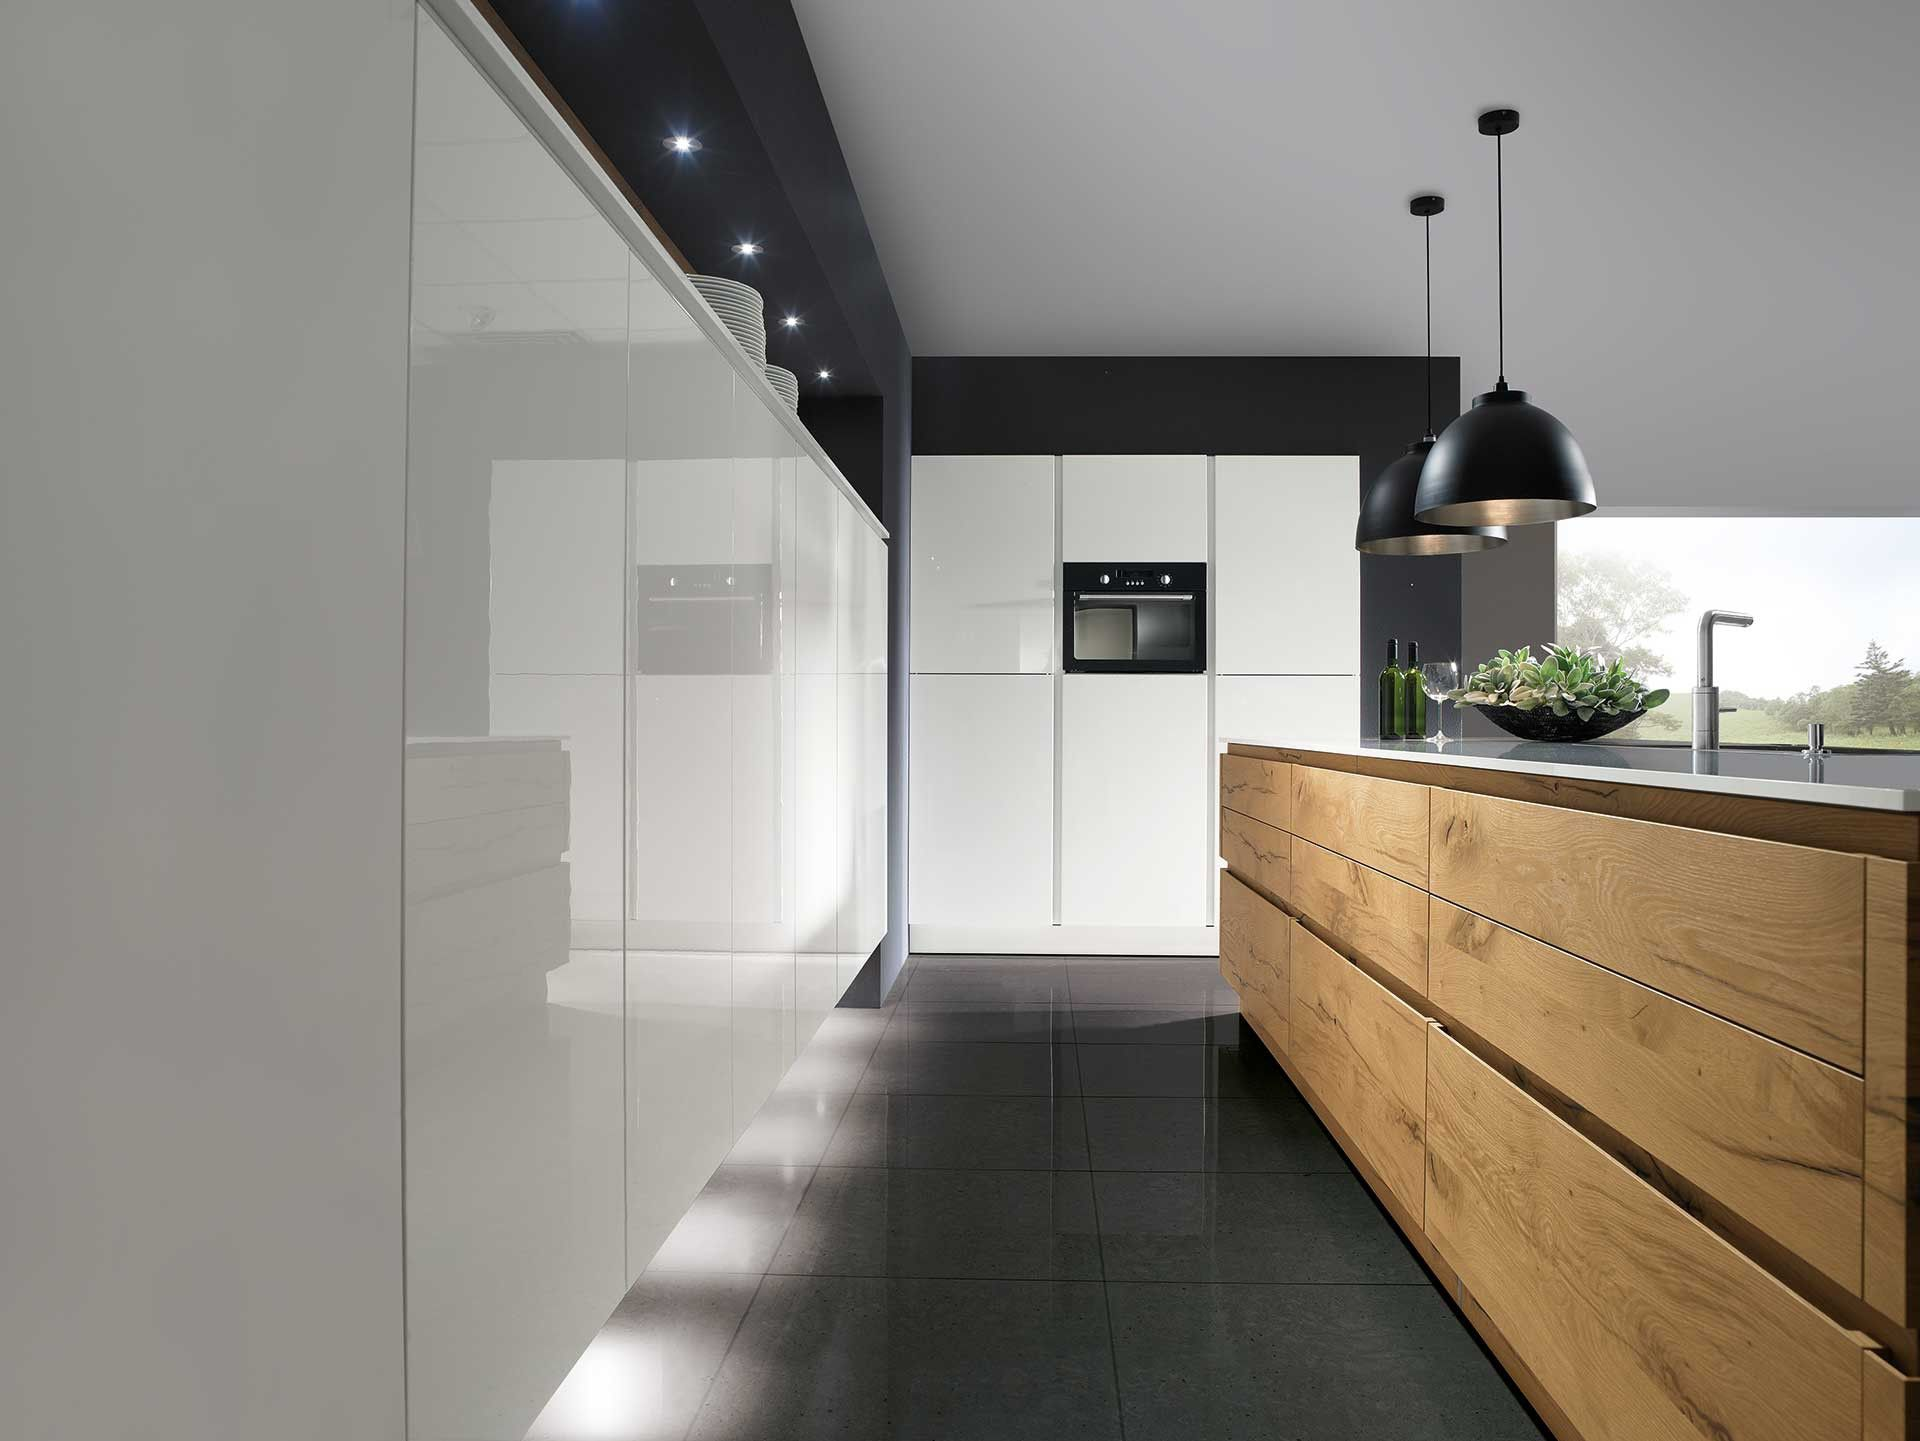 Design Hoogglans Keuken : Design keuken ontmoet hout een hoogglans keuken kan soms een kil